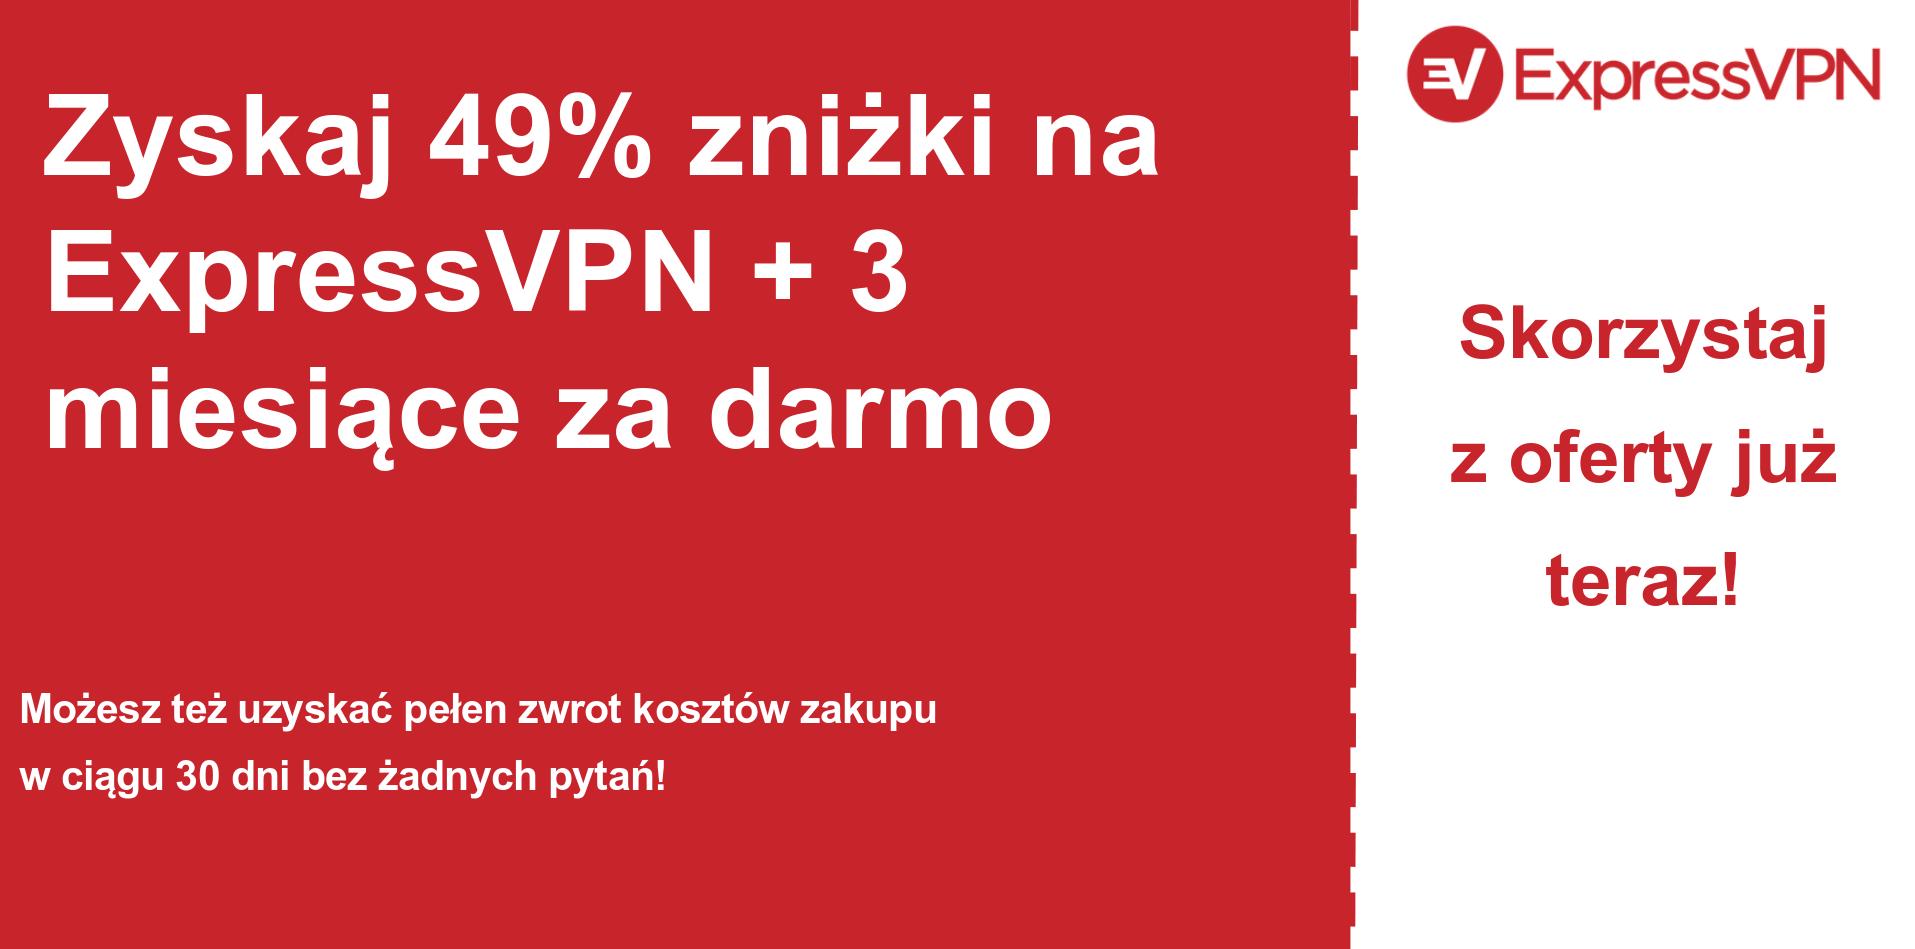 grafika banera głównego kuponu ExpressVPN pokazująca 49% zniżki